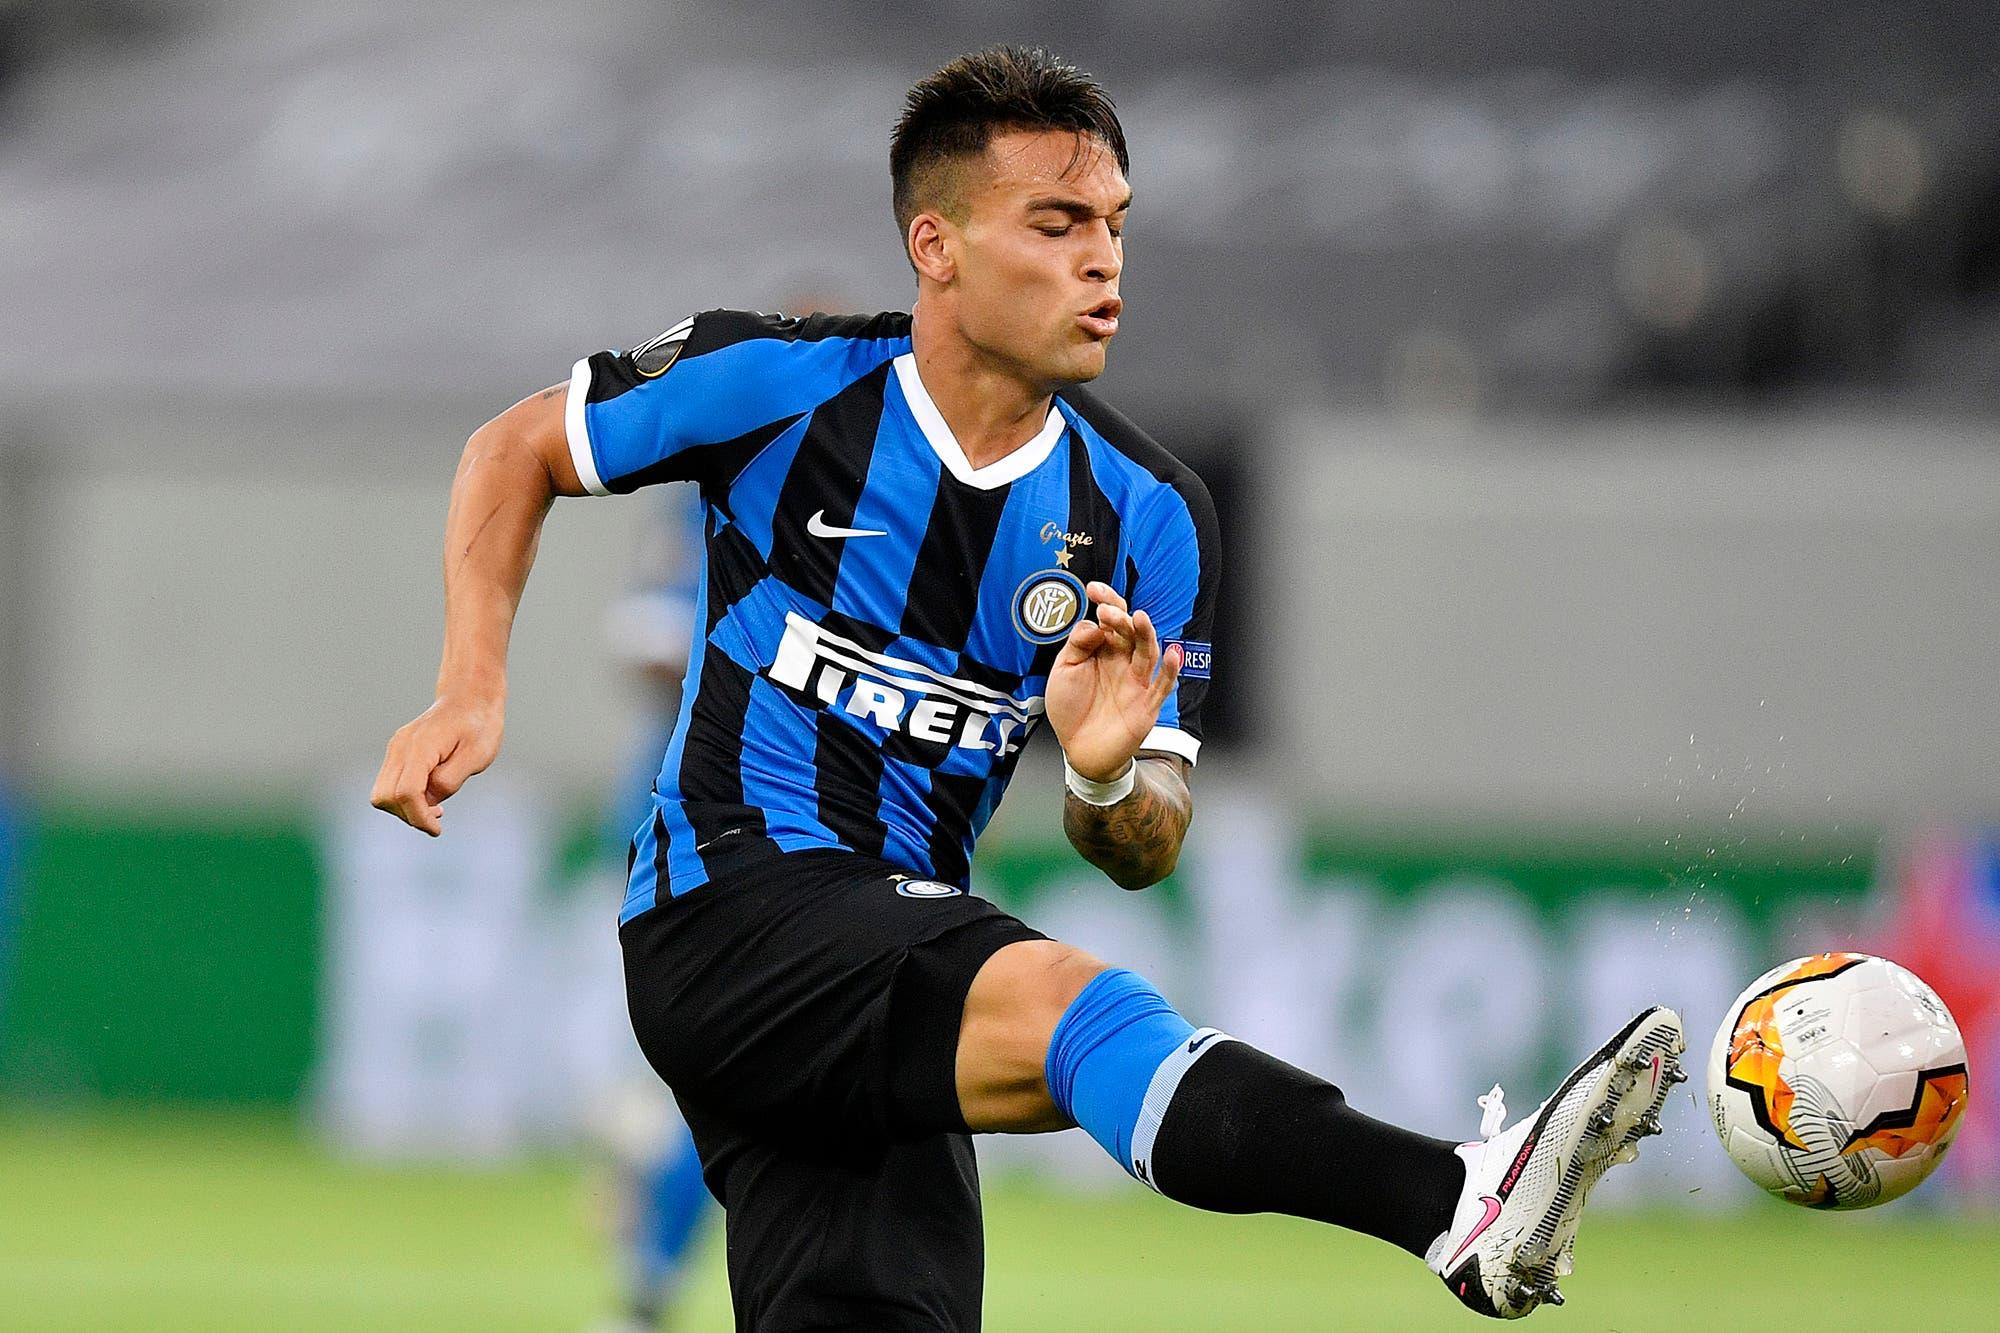 Lazio-Inter, Serie A de Italia: horario y TV del partido, con la presencia de Lautaro Martínez